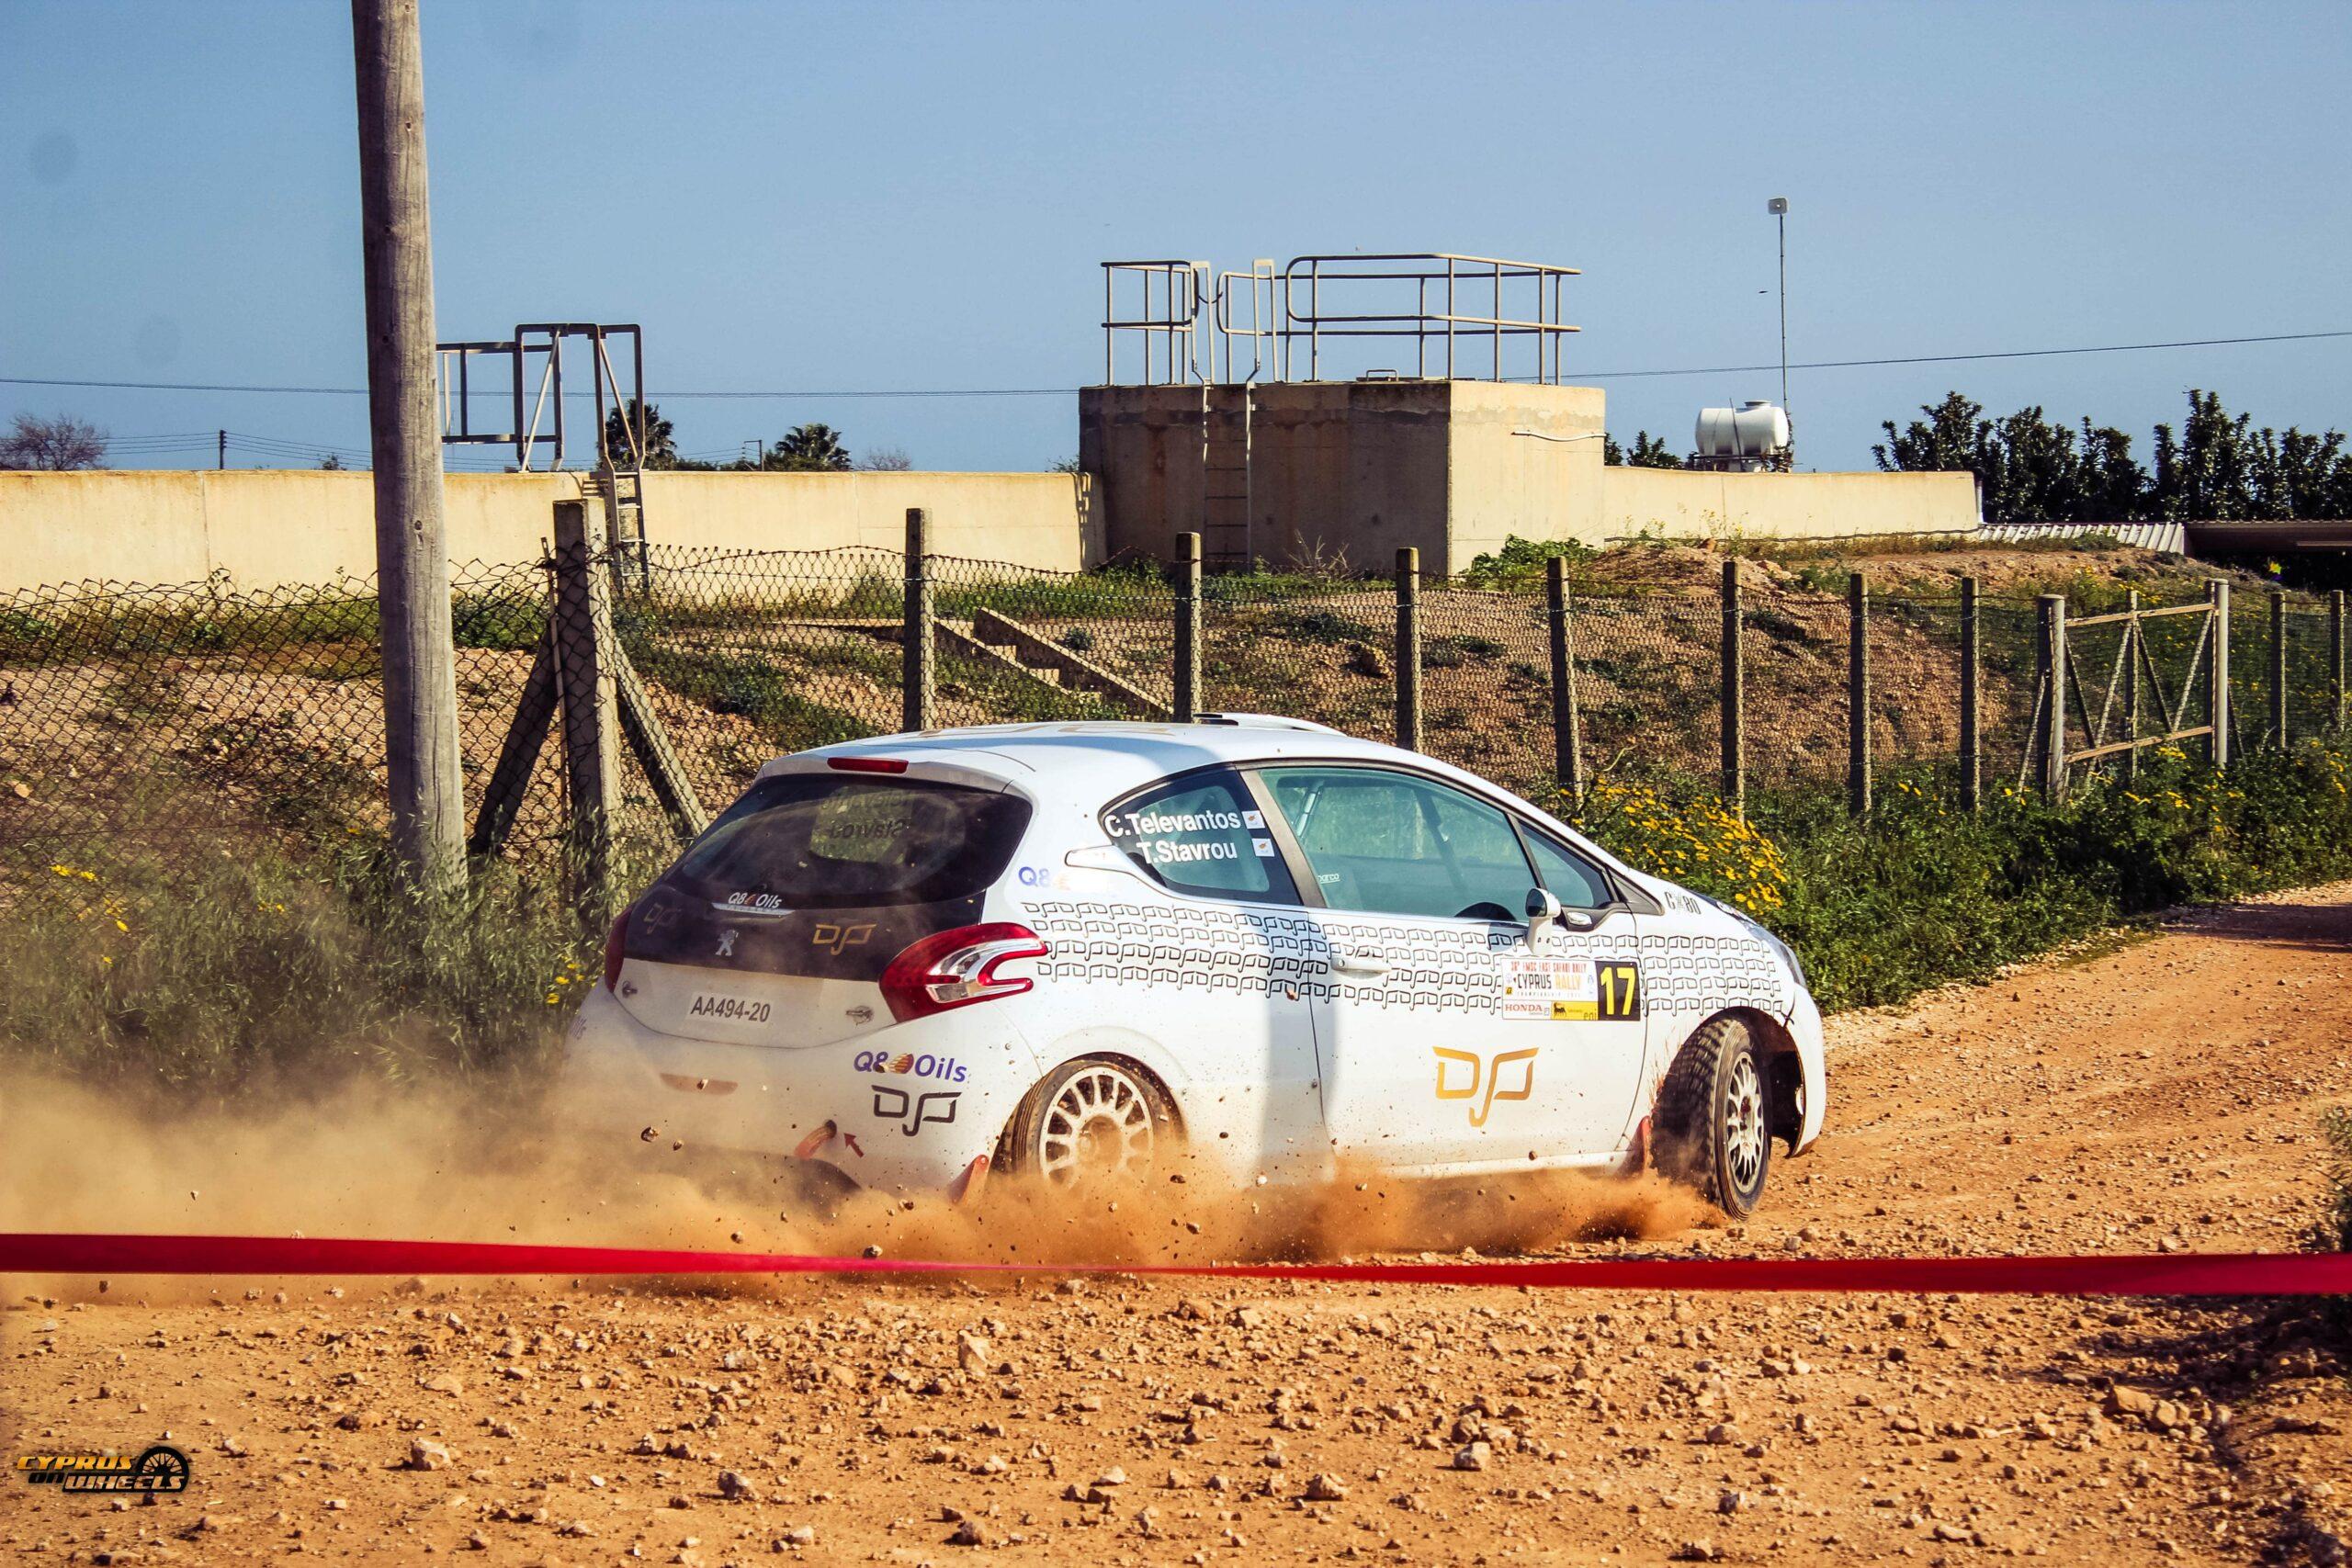 Peugot 206 rally car